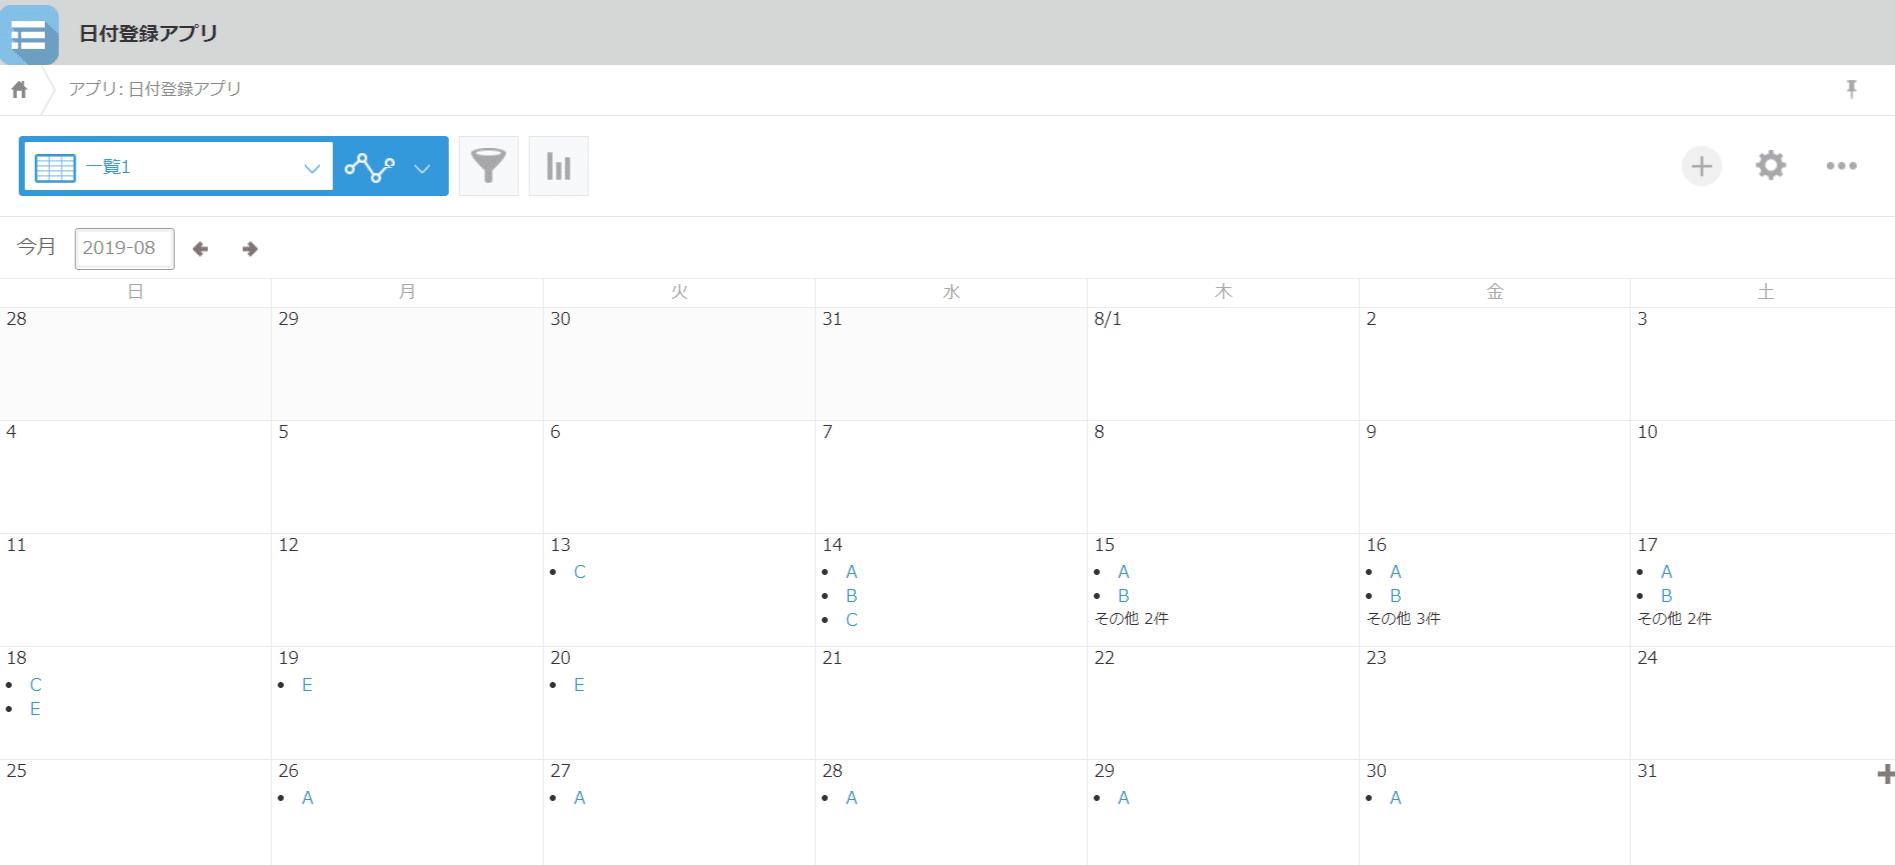 カスタマイズ設定後アプリ挙動をカレンダーで確認